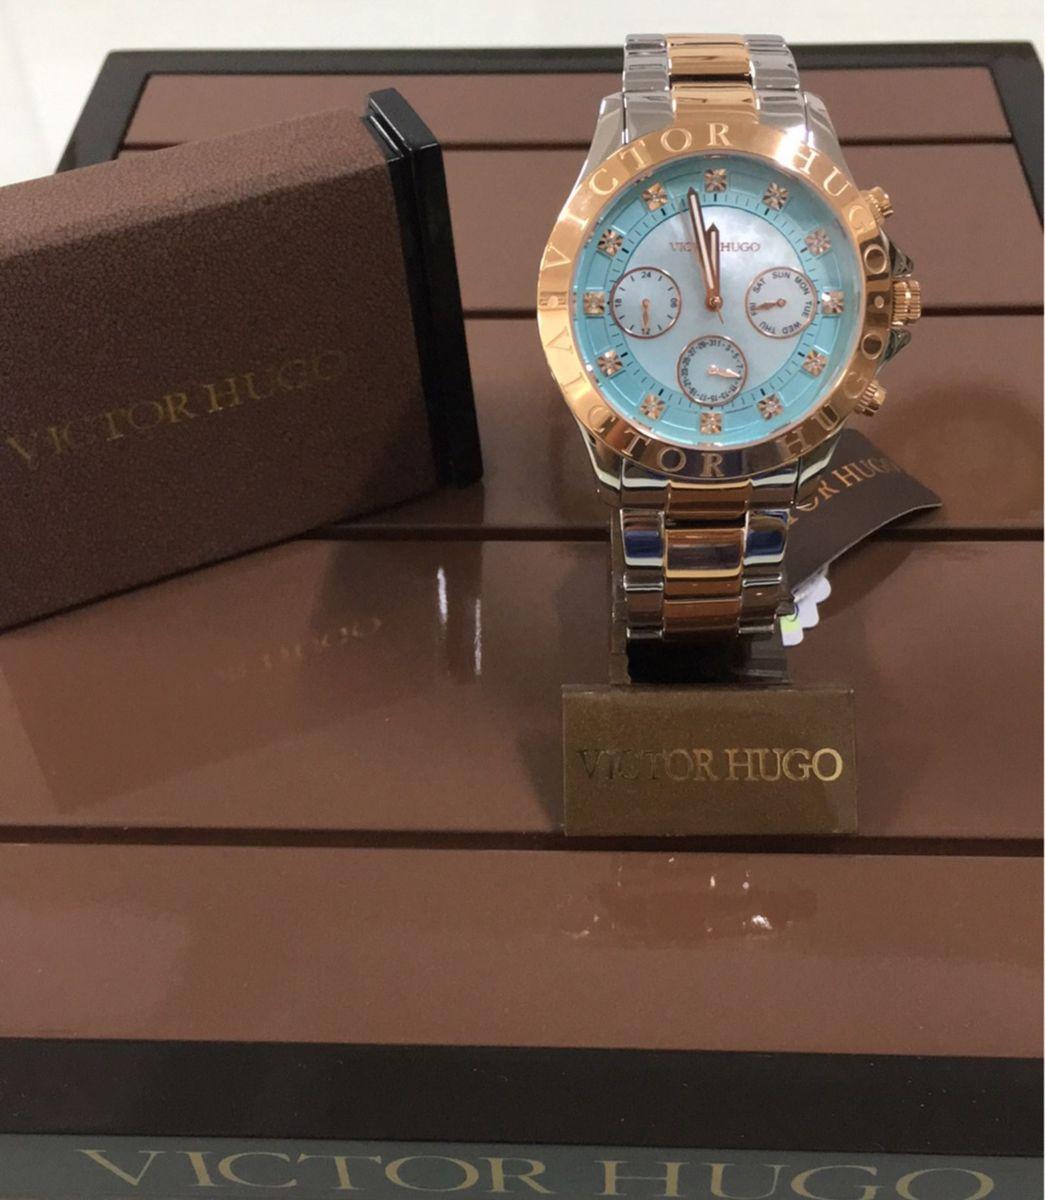 df78deffbea relógio com detalhes rose - relógios victor hugo.  Czm6ly9wag90b3muzw5qb2vplmnvbs5ici9wcm9kdwn0cy85nta1mtm2l2fimtnhyznjngfjmtk0yjcyzji4mme4n2rjntdhzdmzlmpwzw  ...